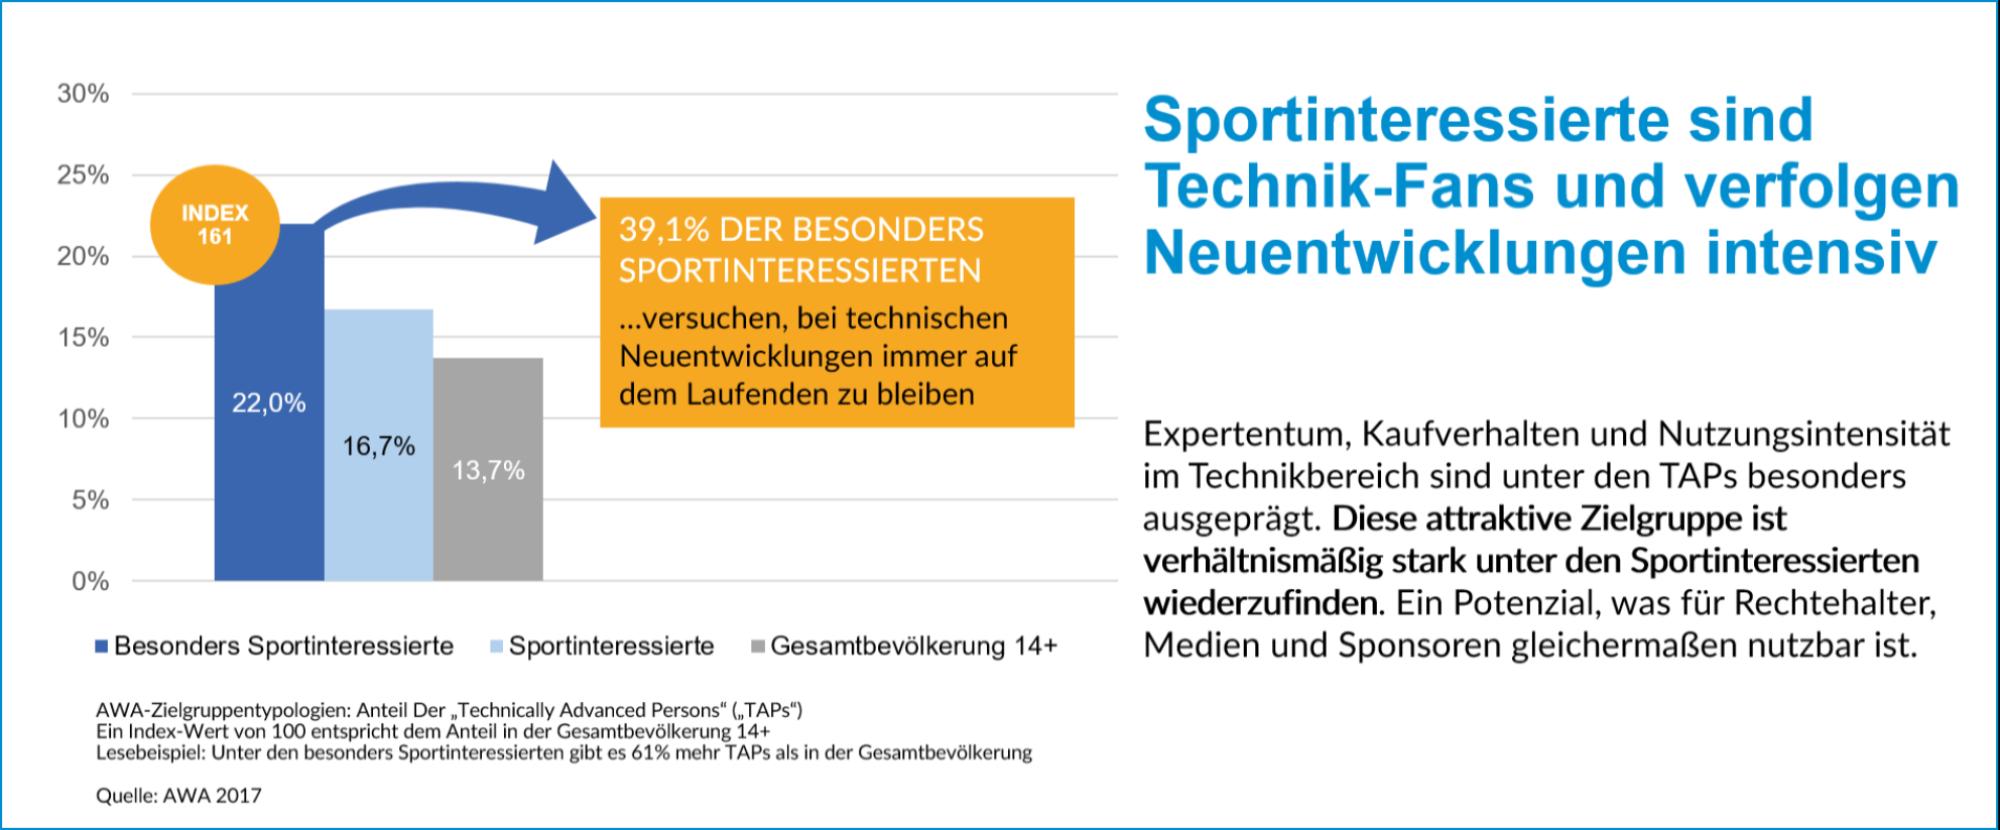 Sportinteressierte sind Technik-Fans und verfolgen Neuentwicklungen intensiv